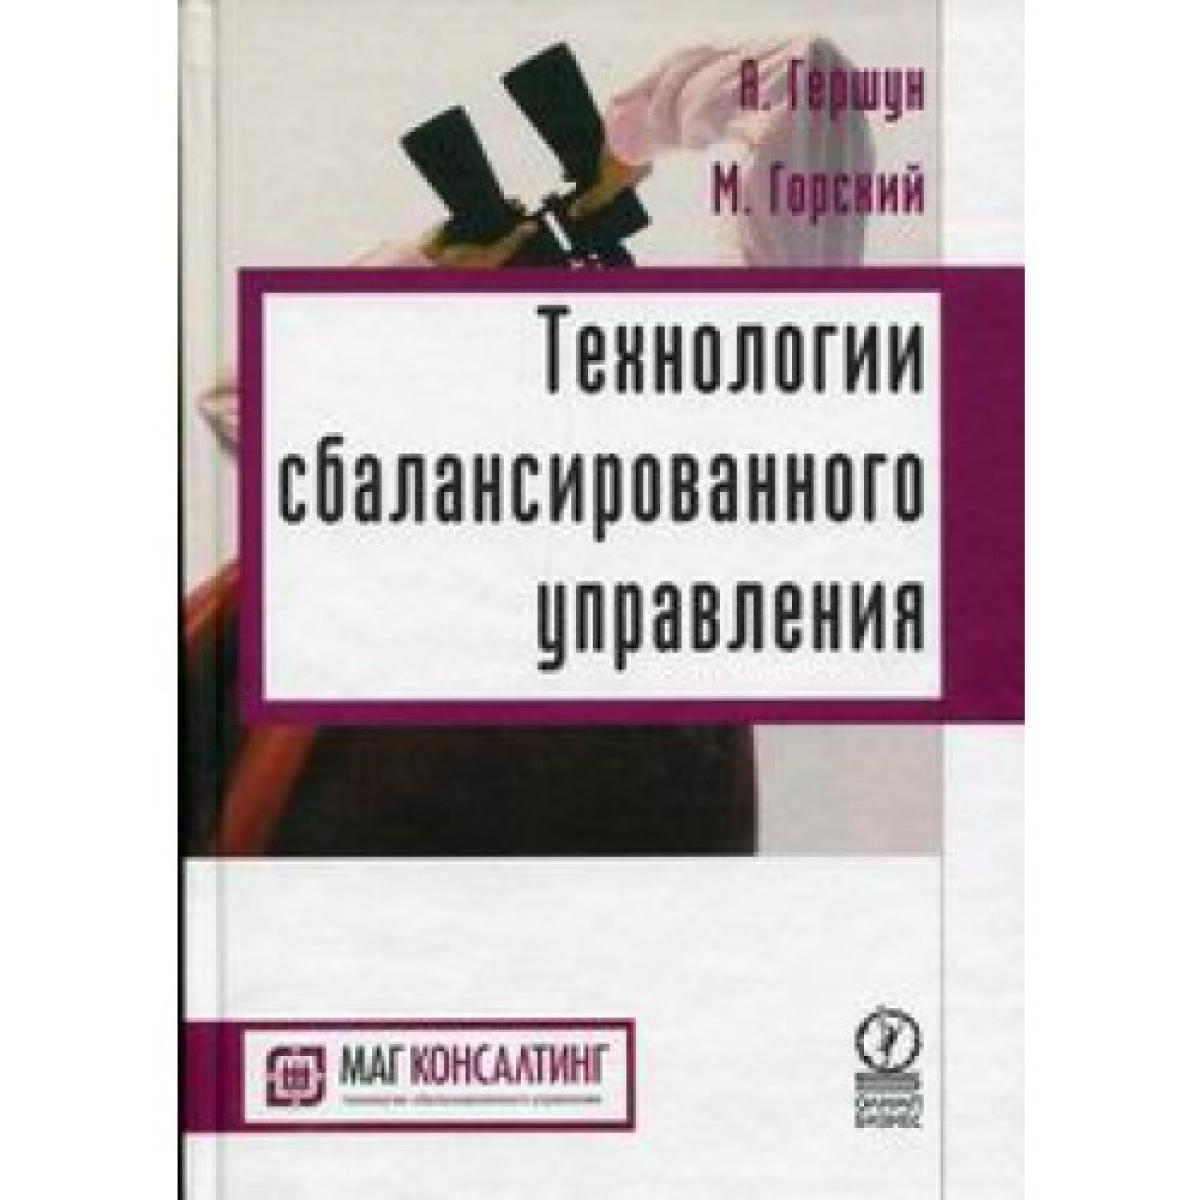 Обложка книги:  а. гершун, м.горский - технологии сбалансированного управления